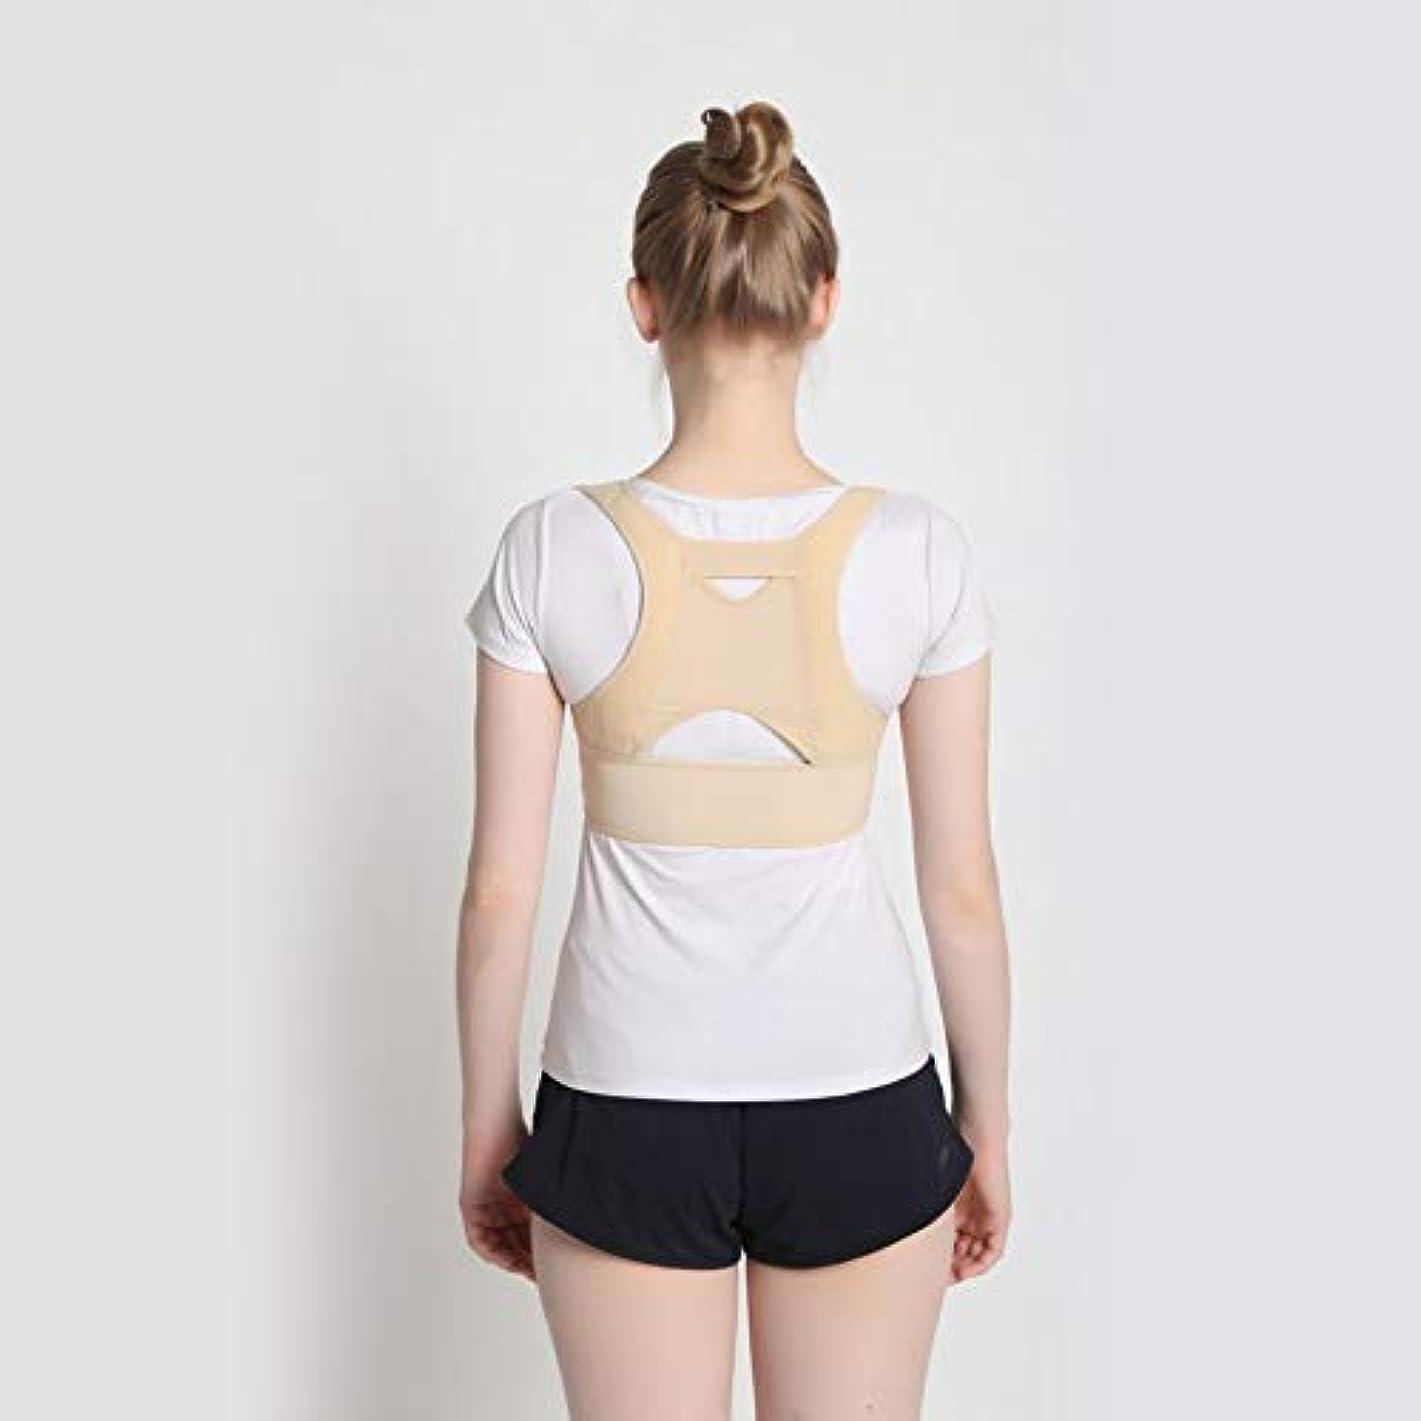 汚物突然豆腐通気性のある女性の背中の姿勢矯正コルセット整形外科の肩の背骨の背骨の姿勢矯正腰椎サポート